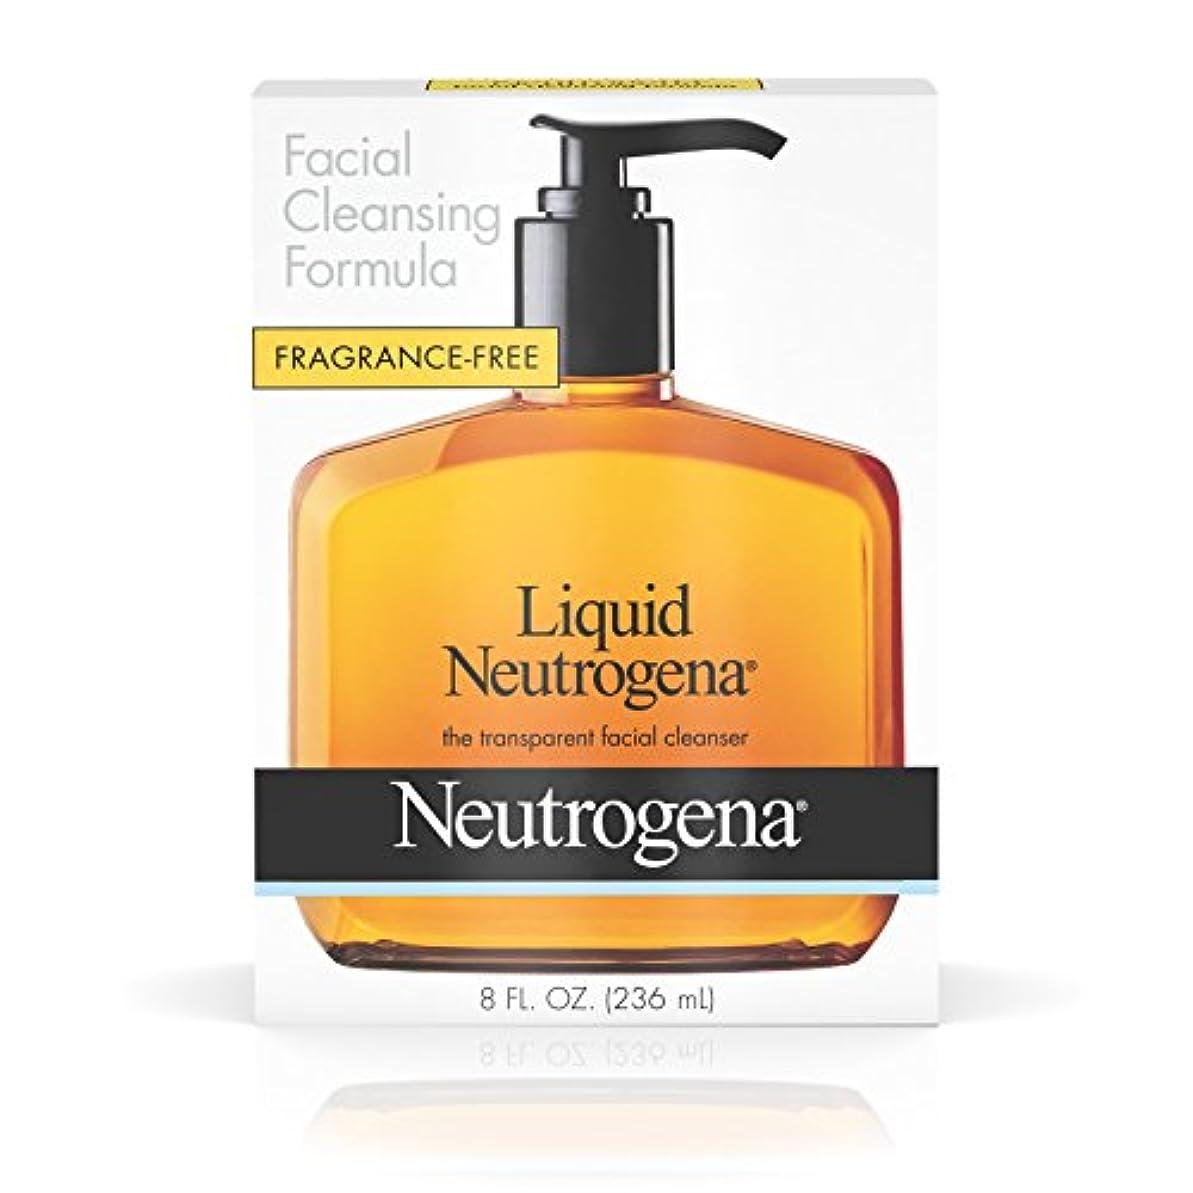 セマフォフォーカスアクセスNeutrogena 液体洗顔式、8フロリダ。オンス